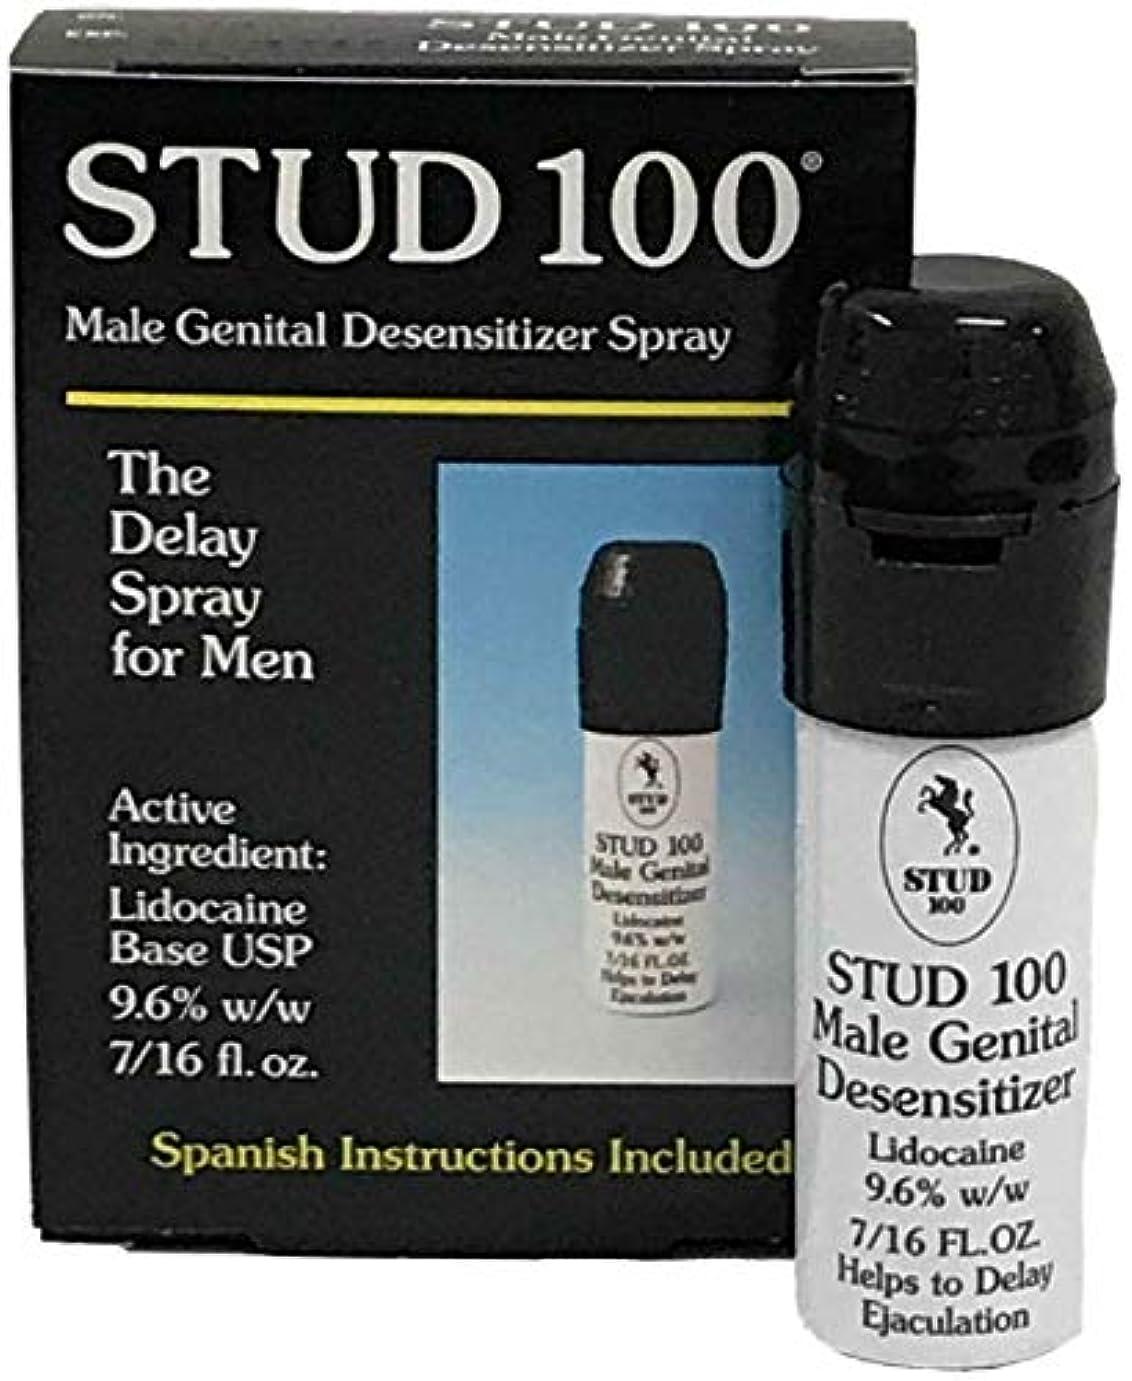 こどもセンター従来のぼんやりしたスタッド100男性性器脱感作スプレー、7 / 16- Fl。 オンスボックス(1パック)